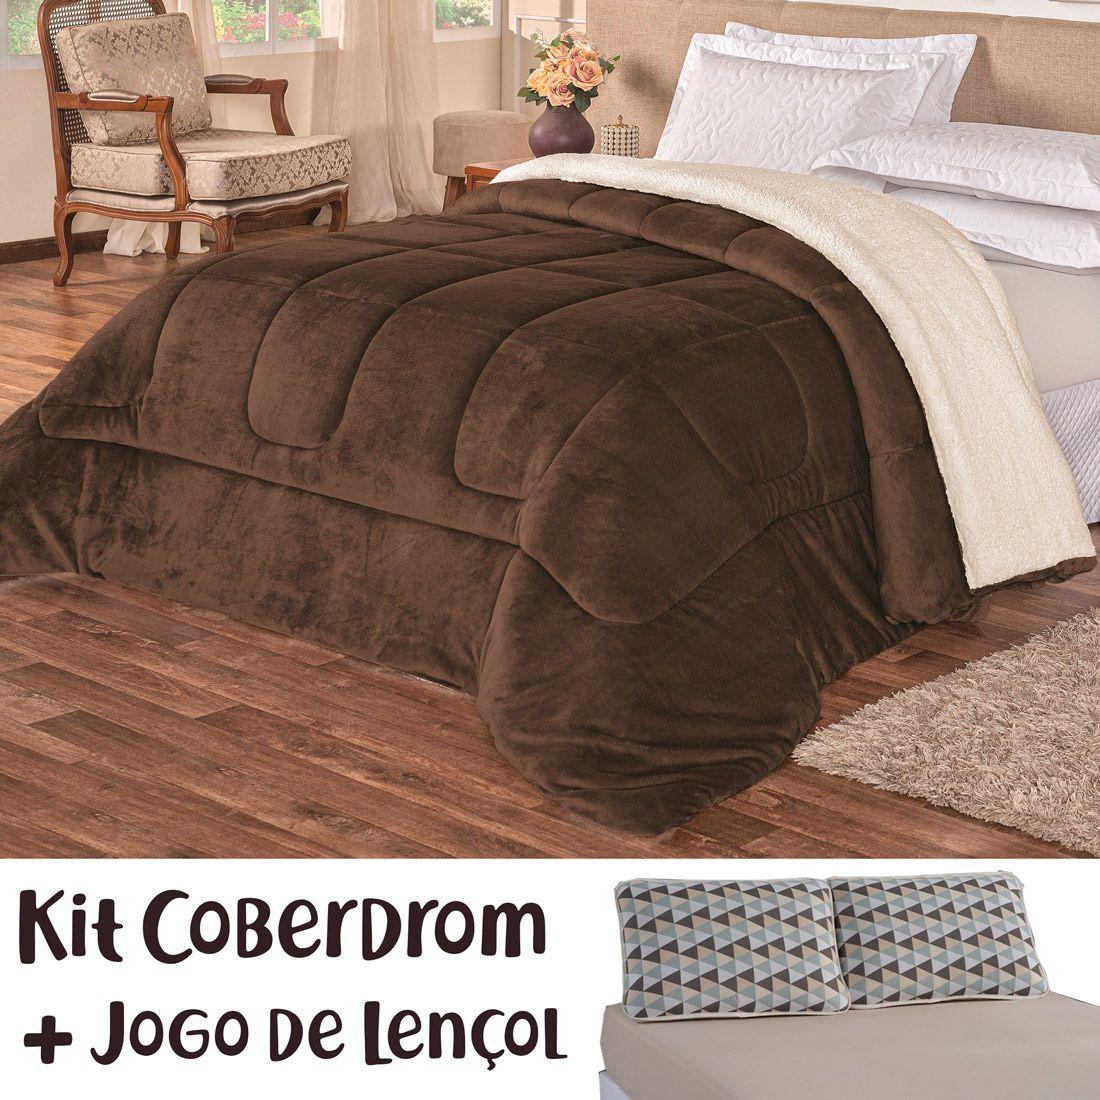 Kit Coberdrom c/ Jogo de Lençol Kronos Dupla Face Tabaco/Bege Queen 04 Peças - Tecido Sherpa e Manta Microfibra c/ Lençol em Malha